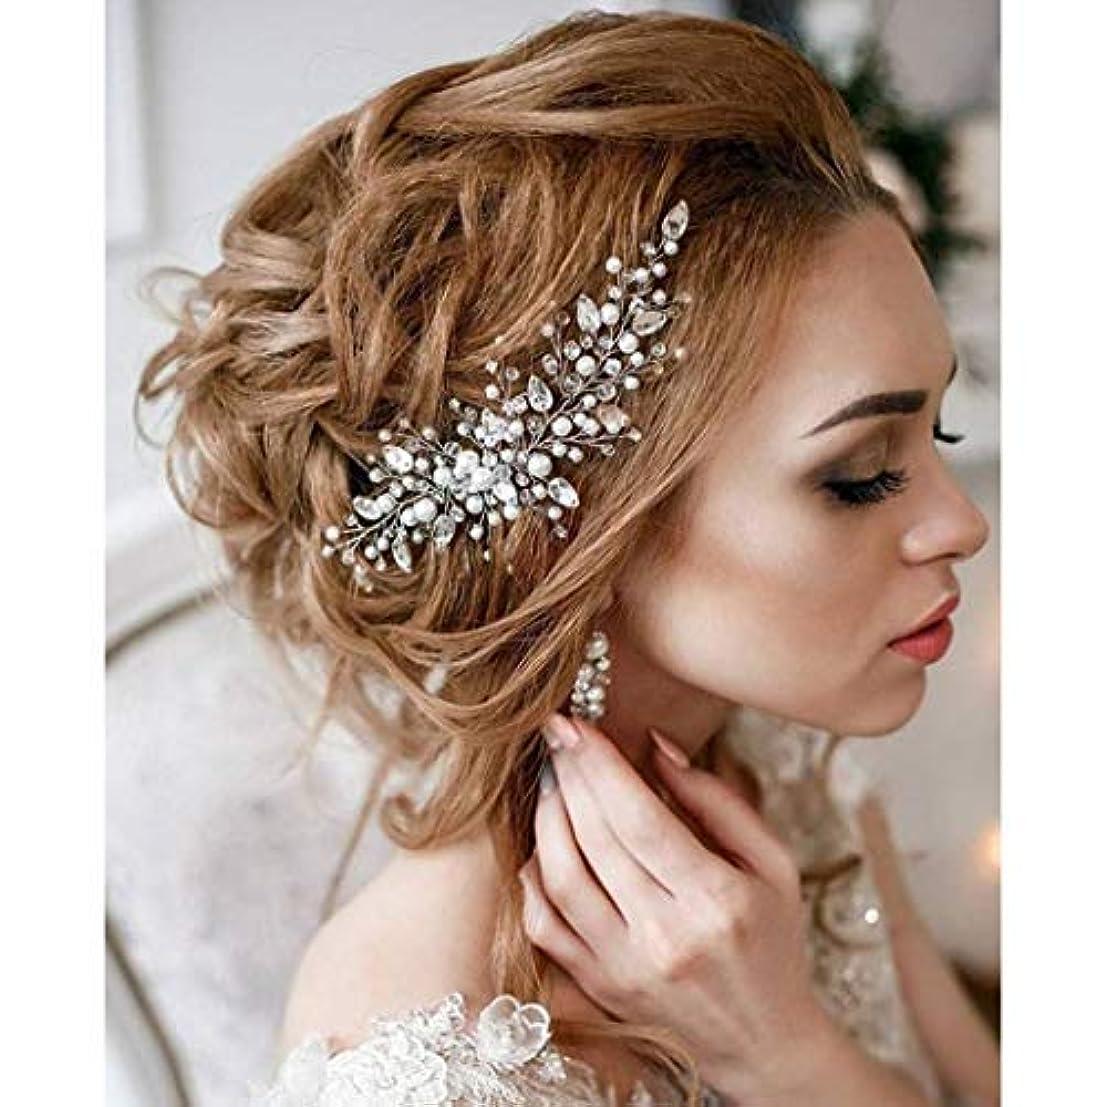 歌詞リスナーシェアAukmla Bride Wedding Hair Combs Bridal Hair Accessories Decorative for Brides and Bridesmaids [並行輸入品]